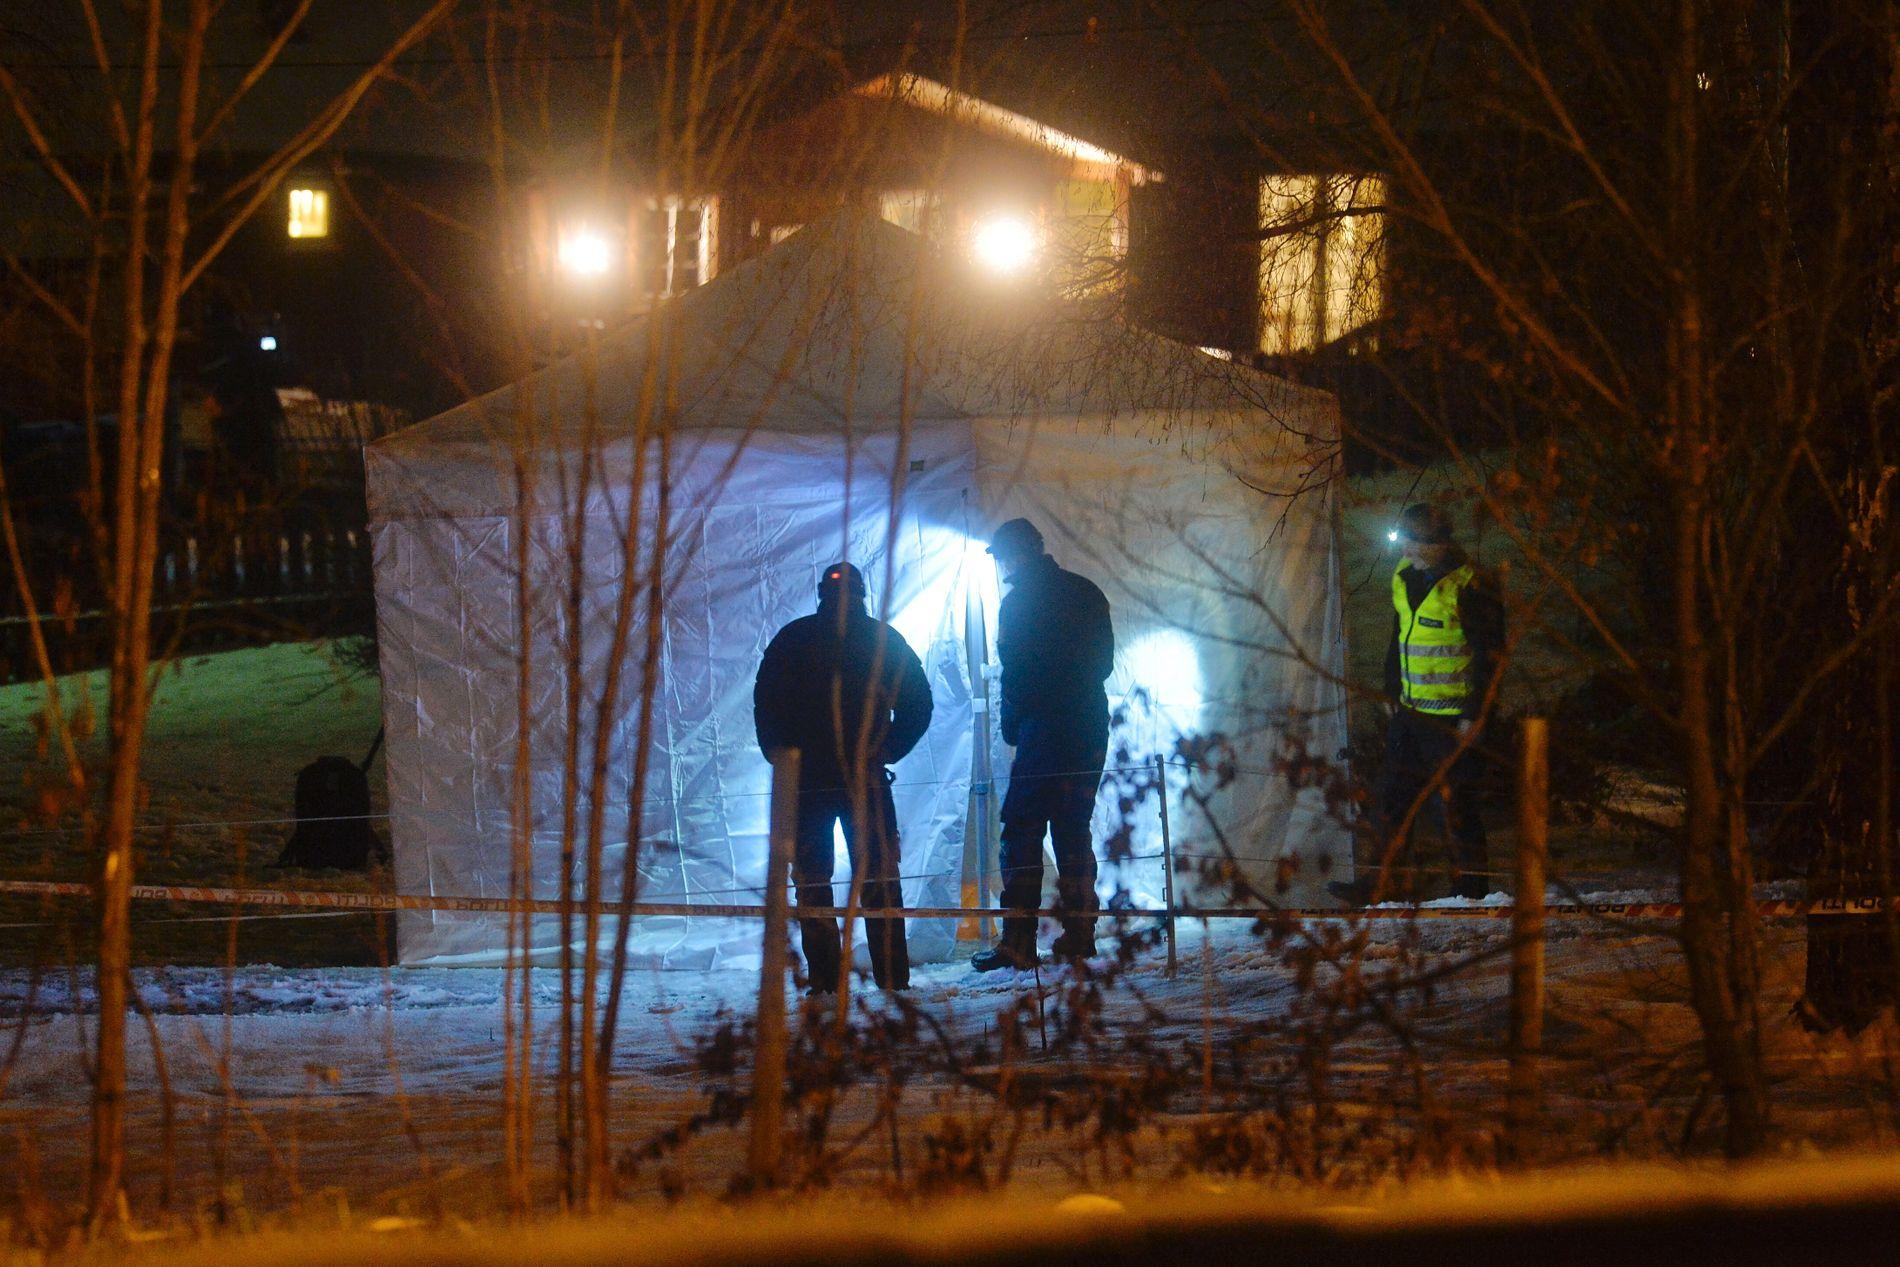 BOLIGFELT: Knivstikkingen skjedde i et boligfelt på Vinstra.